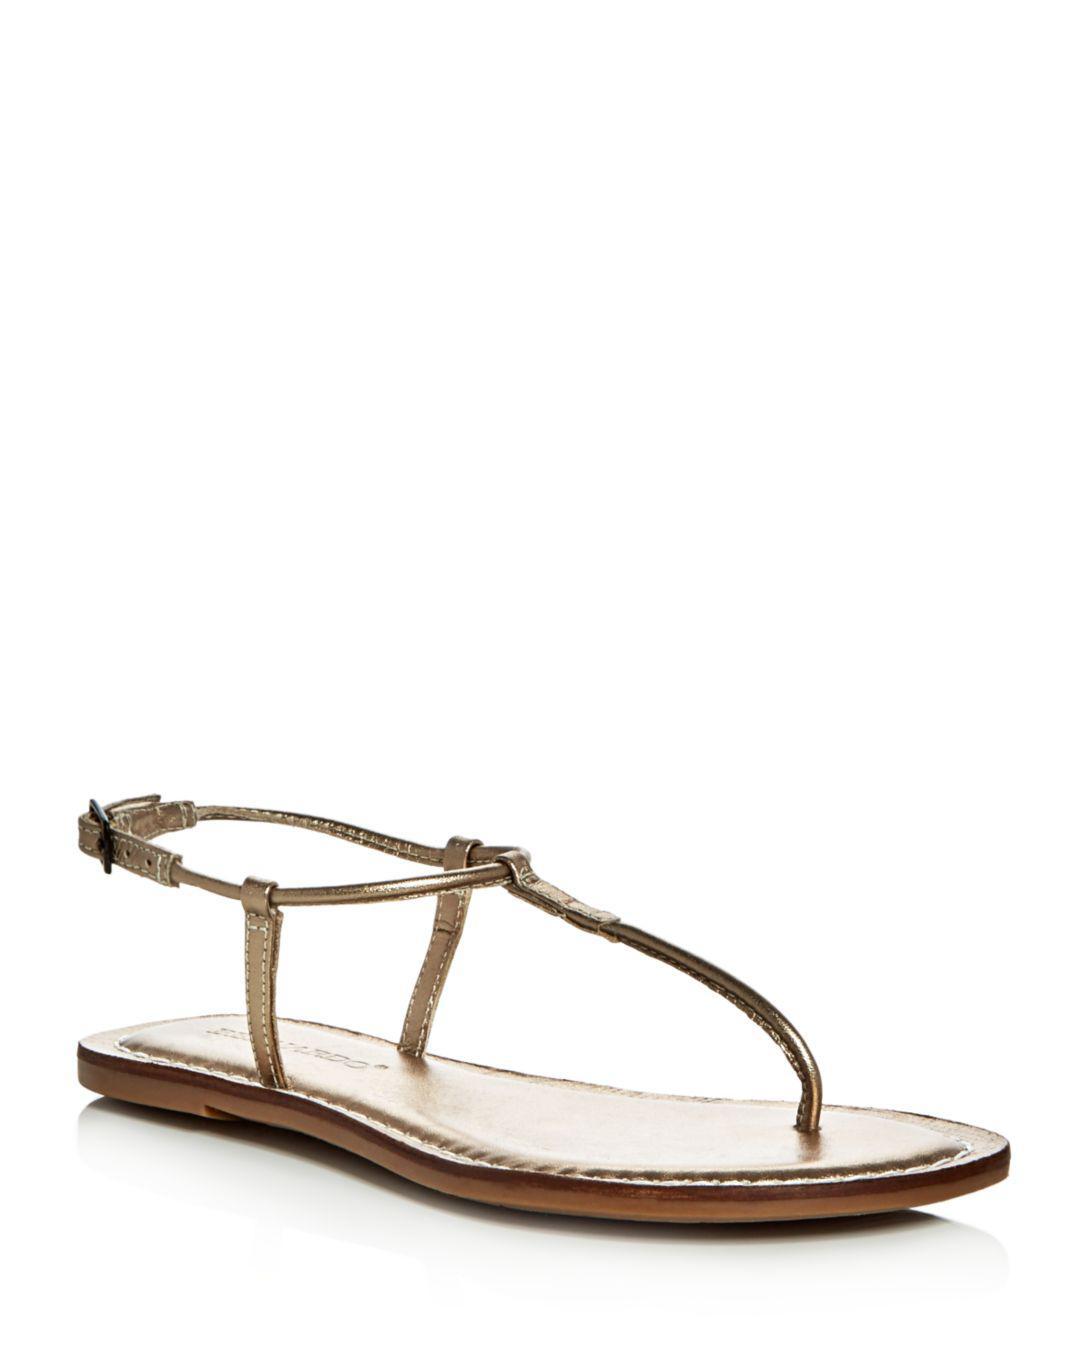 963502e0927 Bernardo. Women s Lilly T-strap Thong Sandals